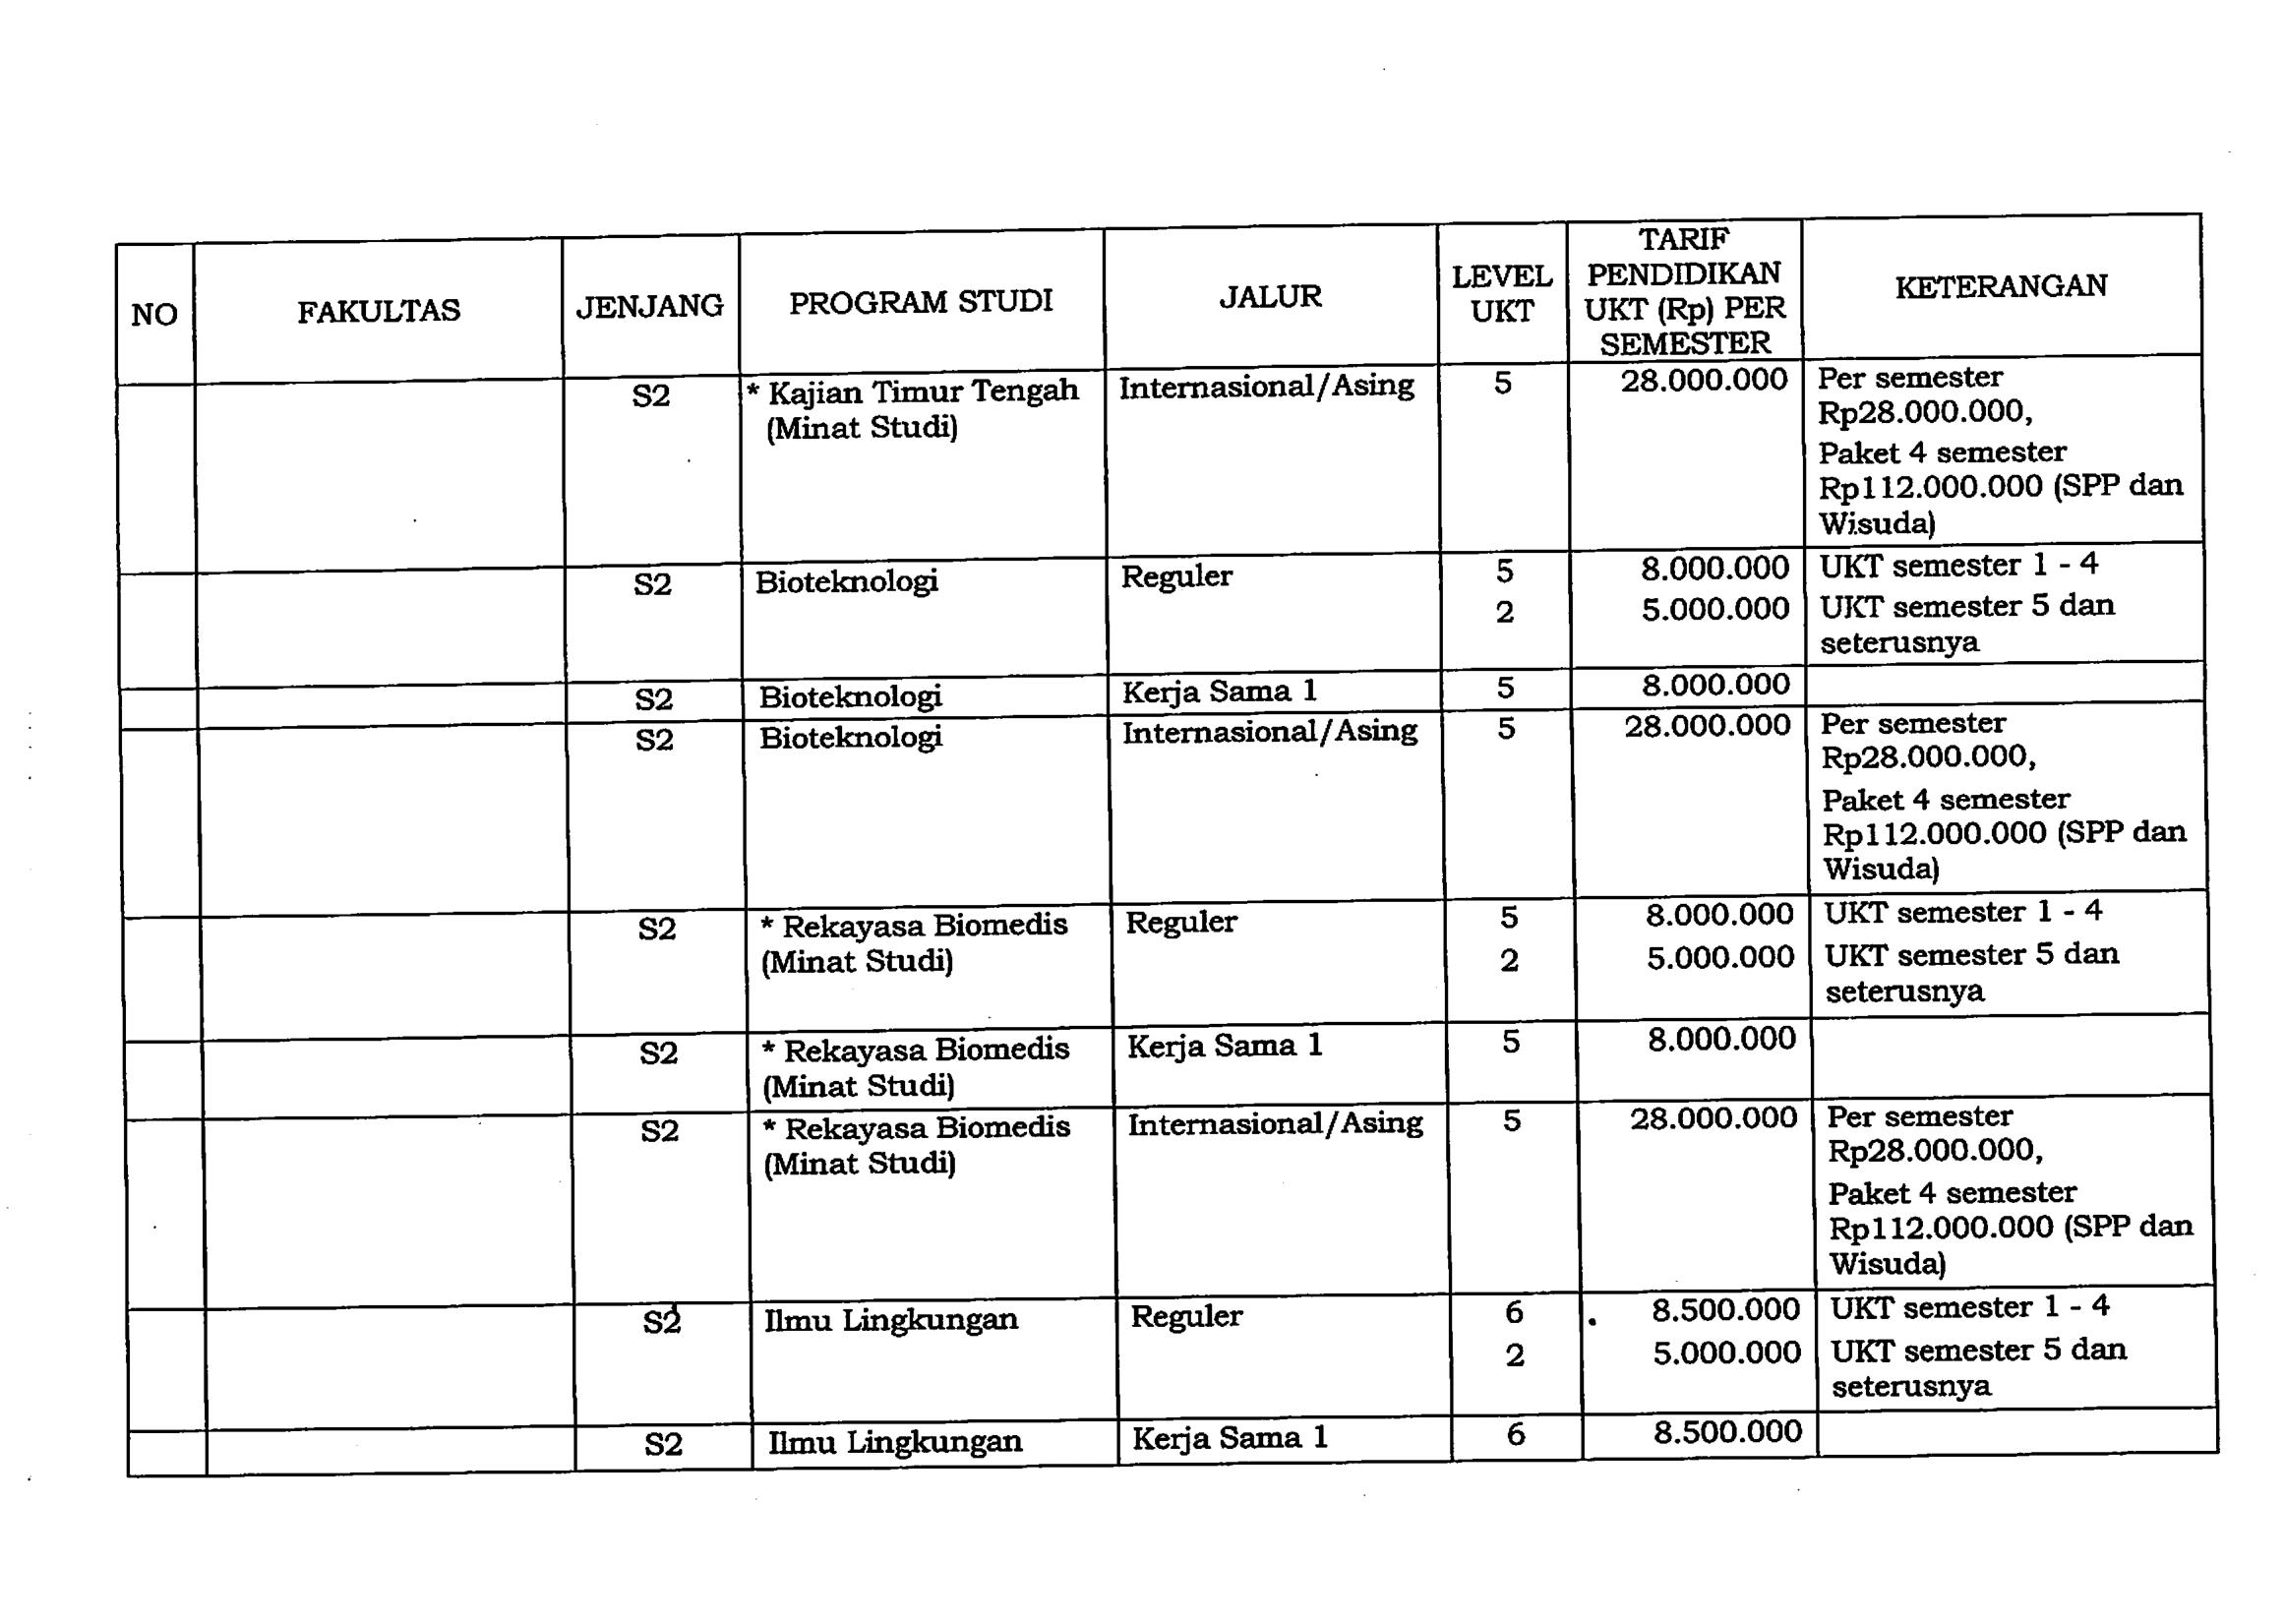 Harga biaya kuliah s2 ugm9_9_1 (lanjutan ugm9_9)